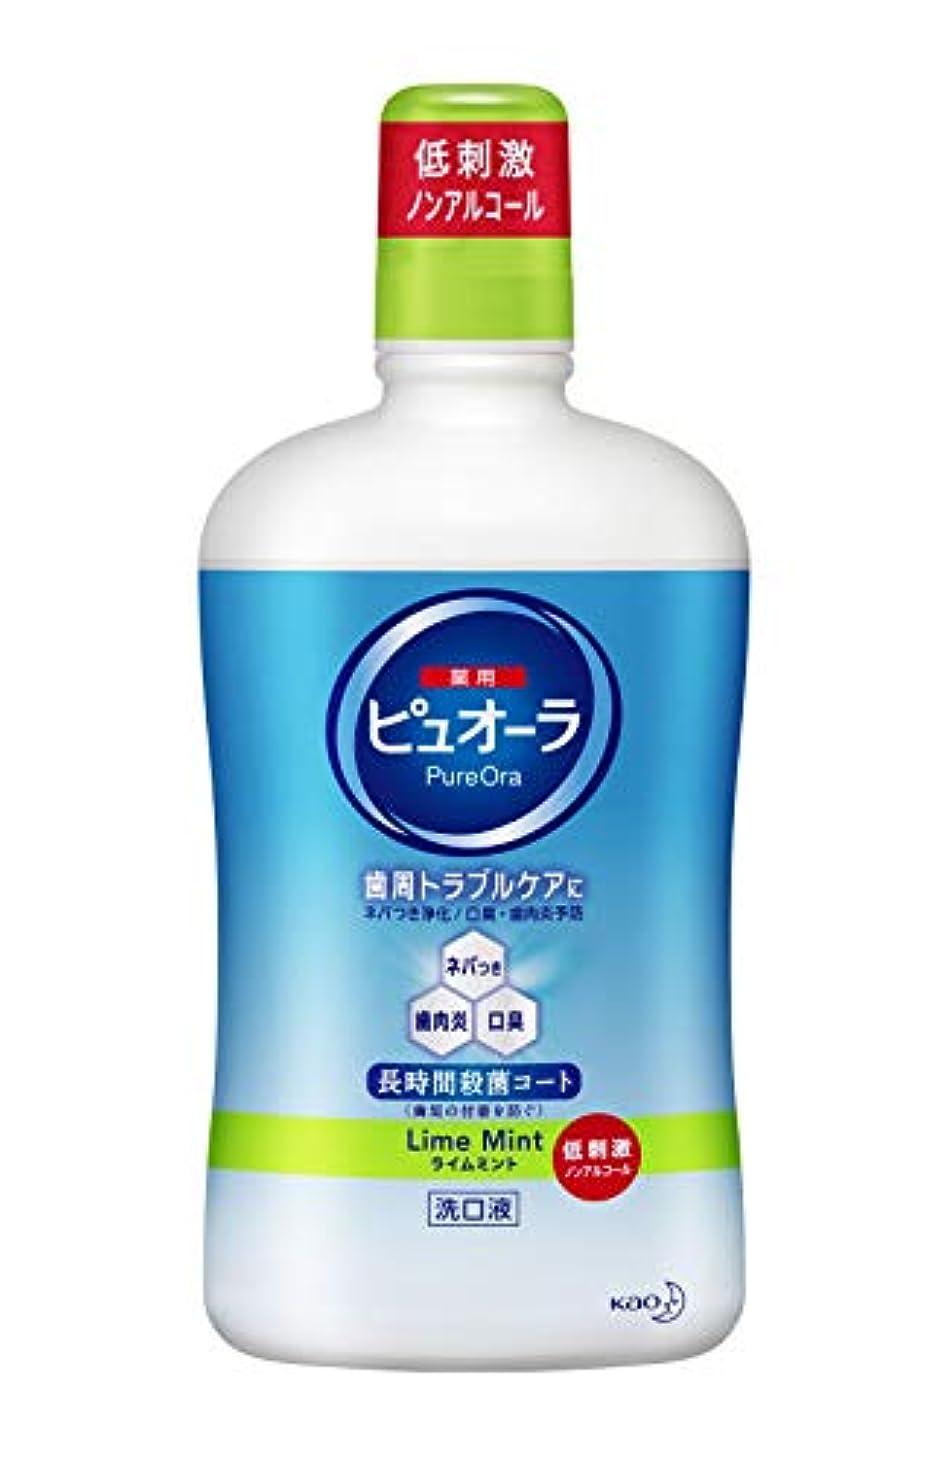 通行人応用才能のある【大容量】ピュオーラ 洗口液 ライムミント ノンアルコールタイプ 850ml